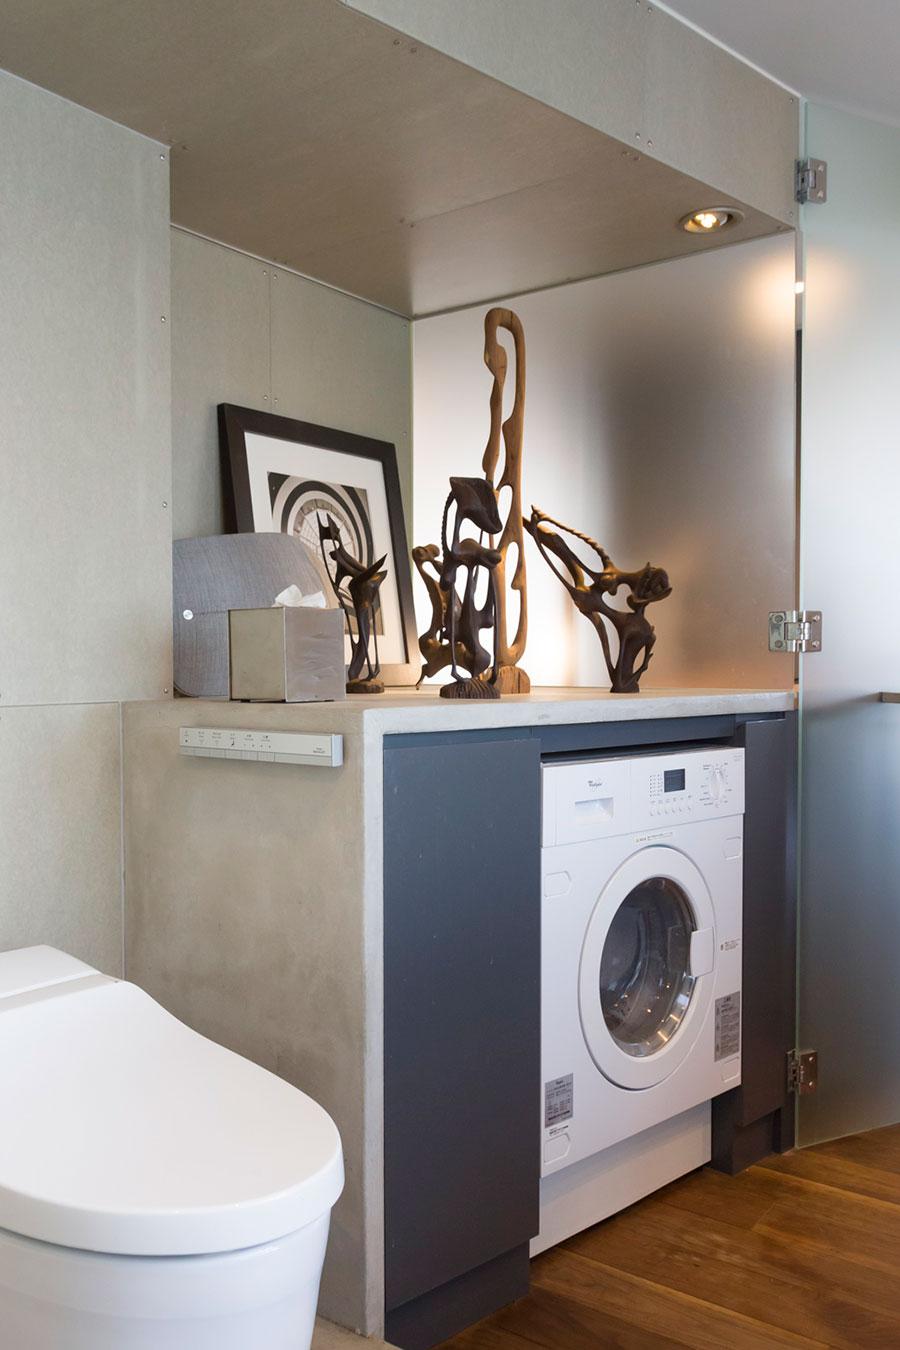 バスルームの洗濯機の上にも、オブジェを飾れるスペースを確保。〈Bang & Olufsen〉のスピーカーも。